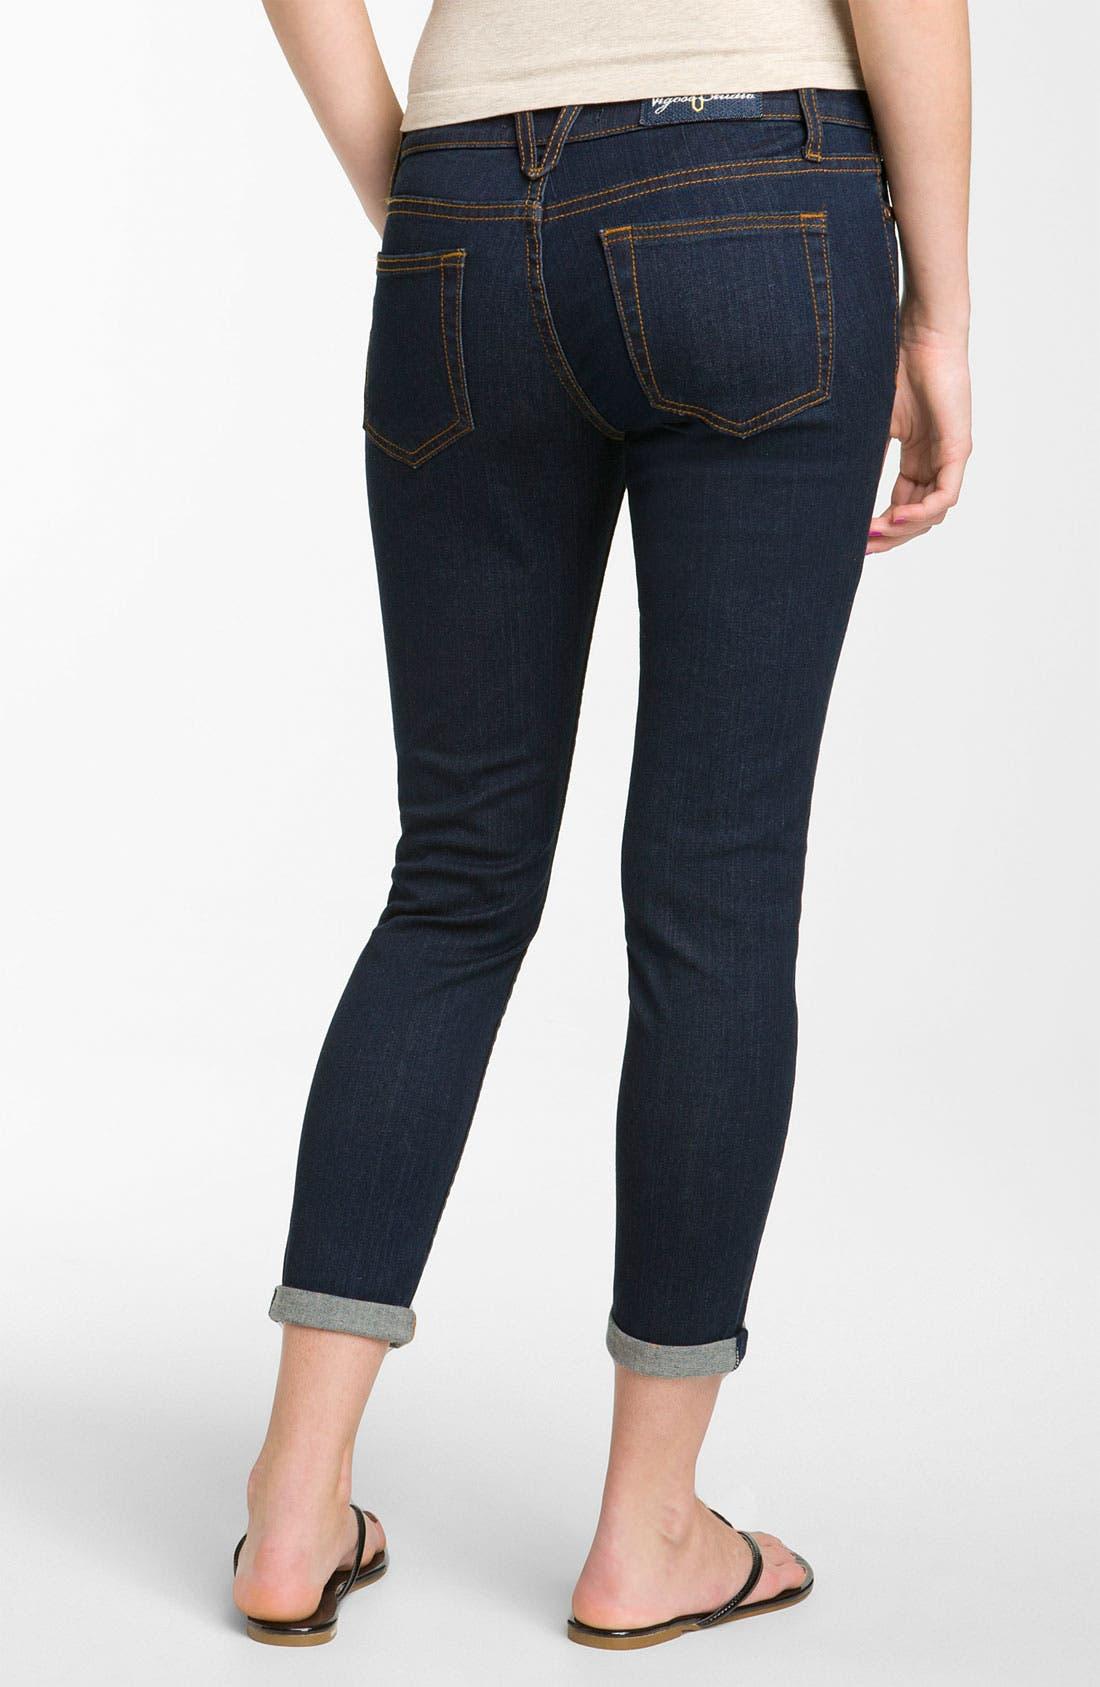 Main Image - Vigoss Skinny Crop Jeans (Rinse Wash) (Juniors)